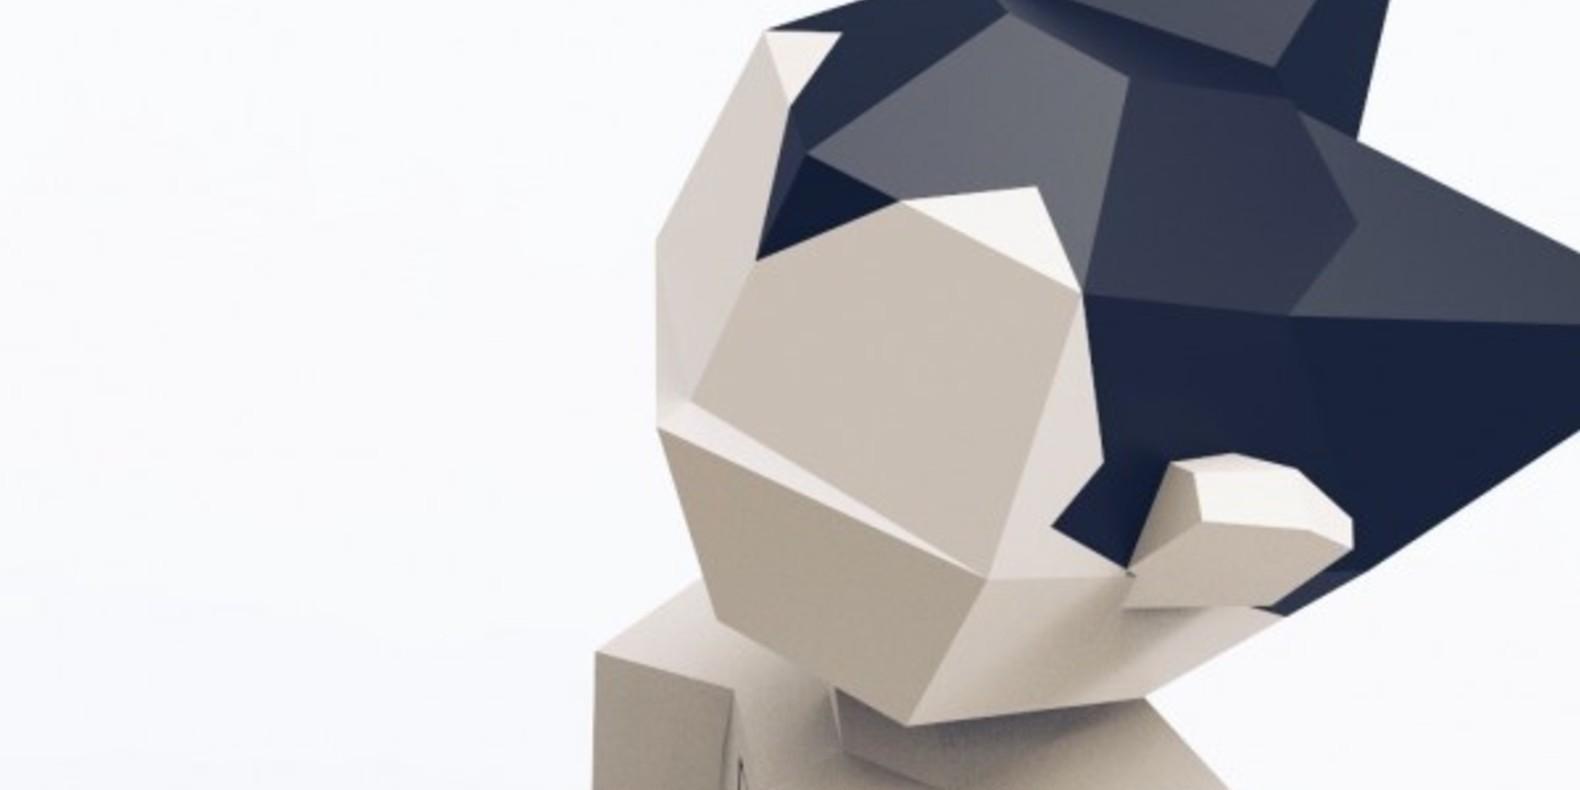 Astro le petit robot Astroboy manga 3D printing fichier 3D low poly 3D model impression 3D imprimante 3D modèle 3D